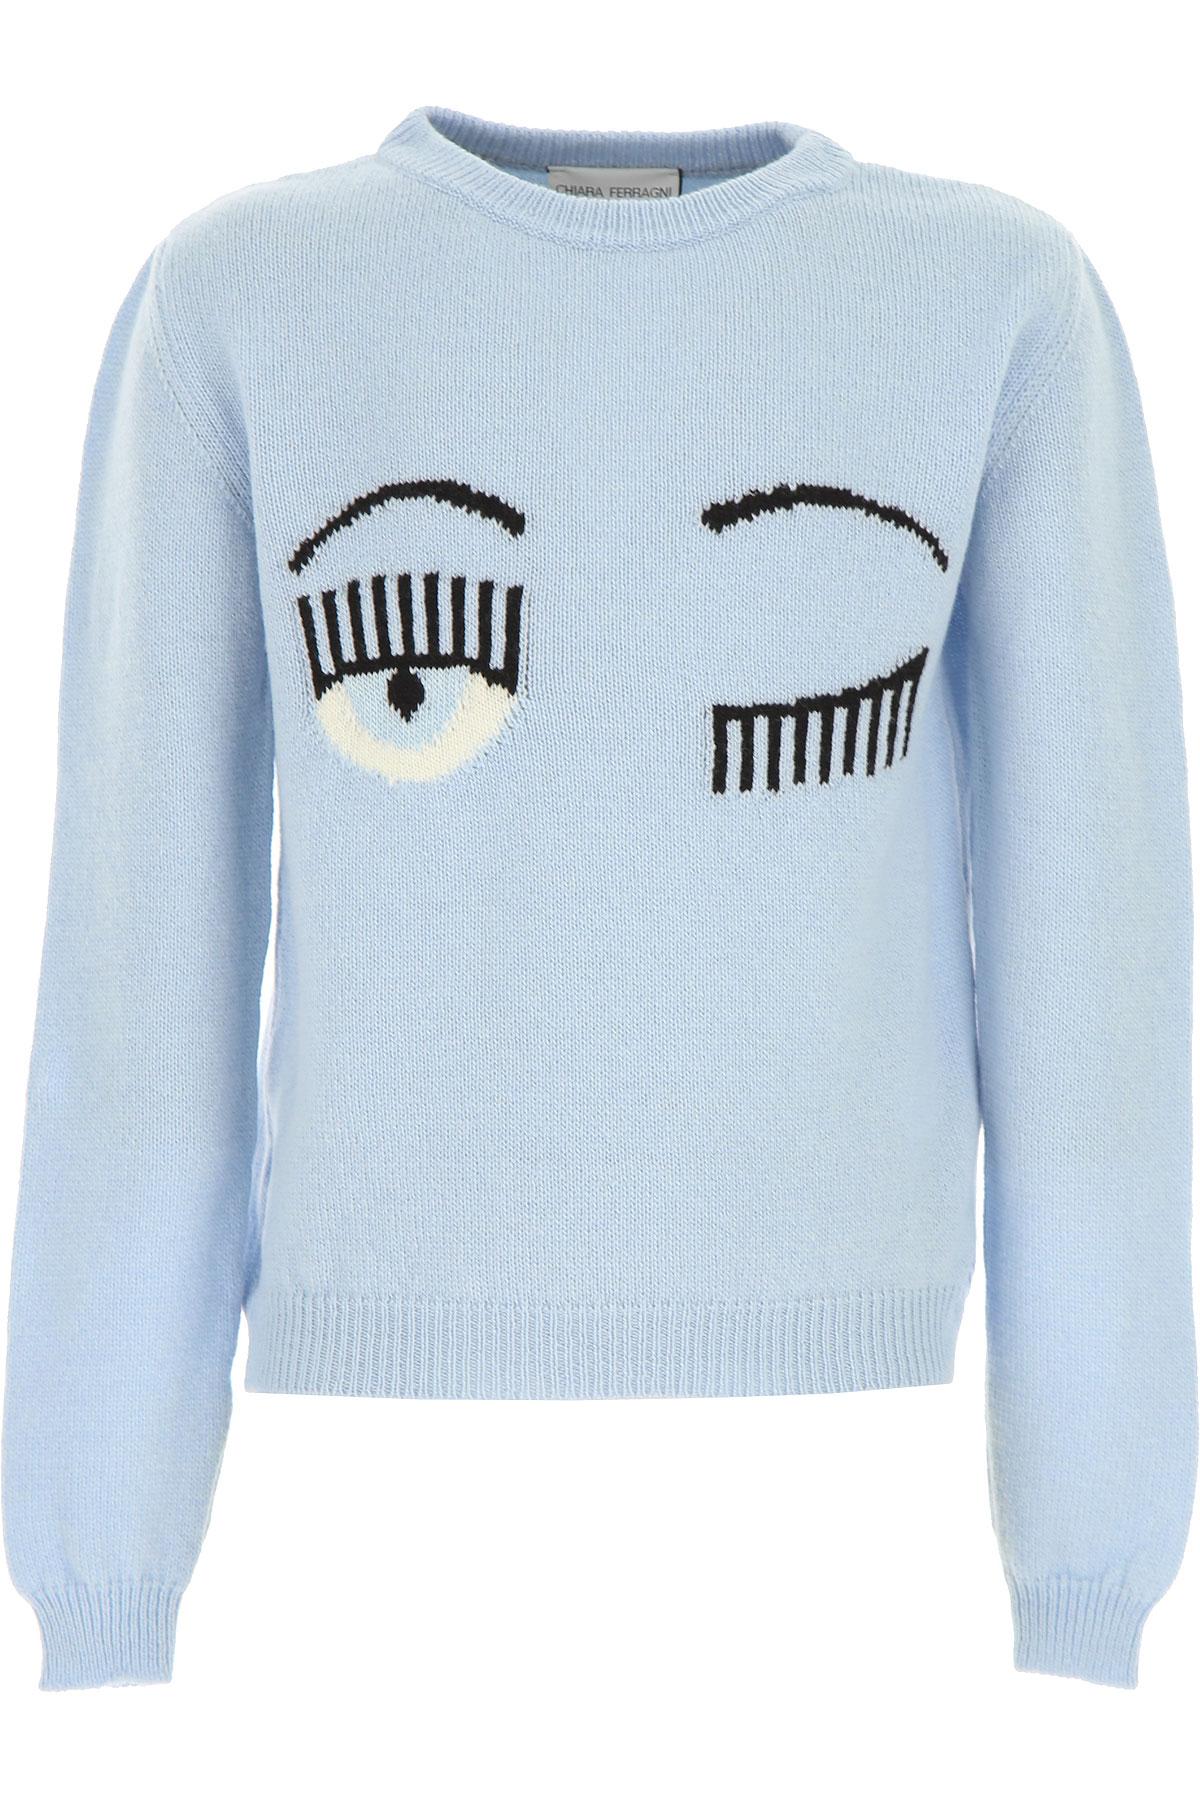 Chiara Ferragni Kids Sweaters for Girls On Sale, Skyblue, Wool, 2019, 10Y 12Y 14Y 8Y